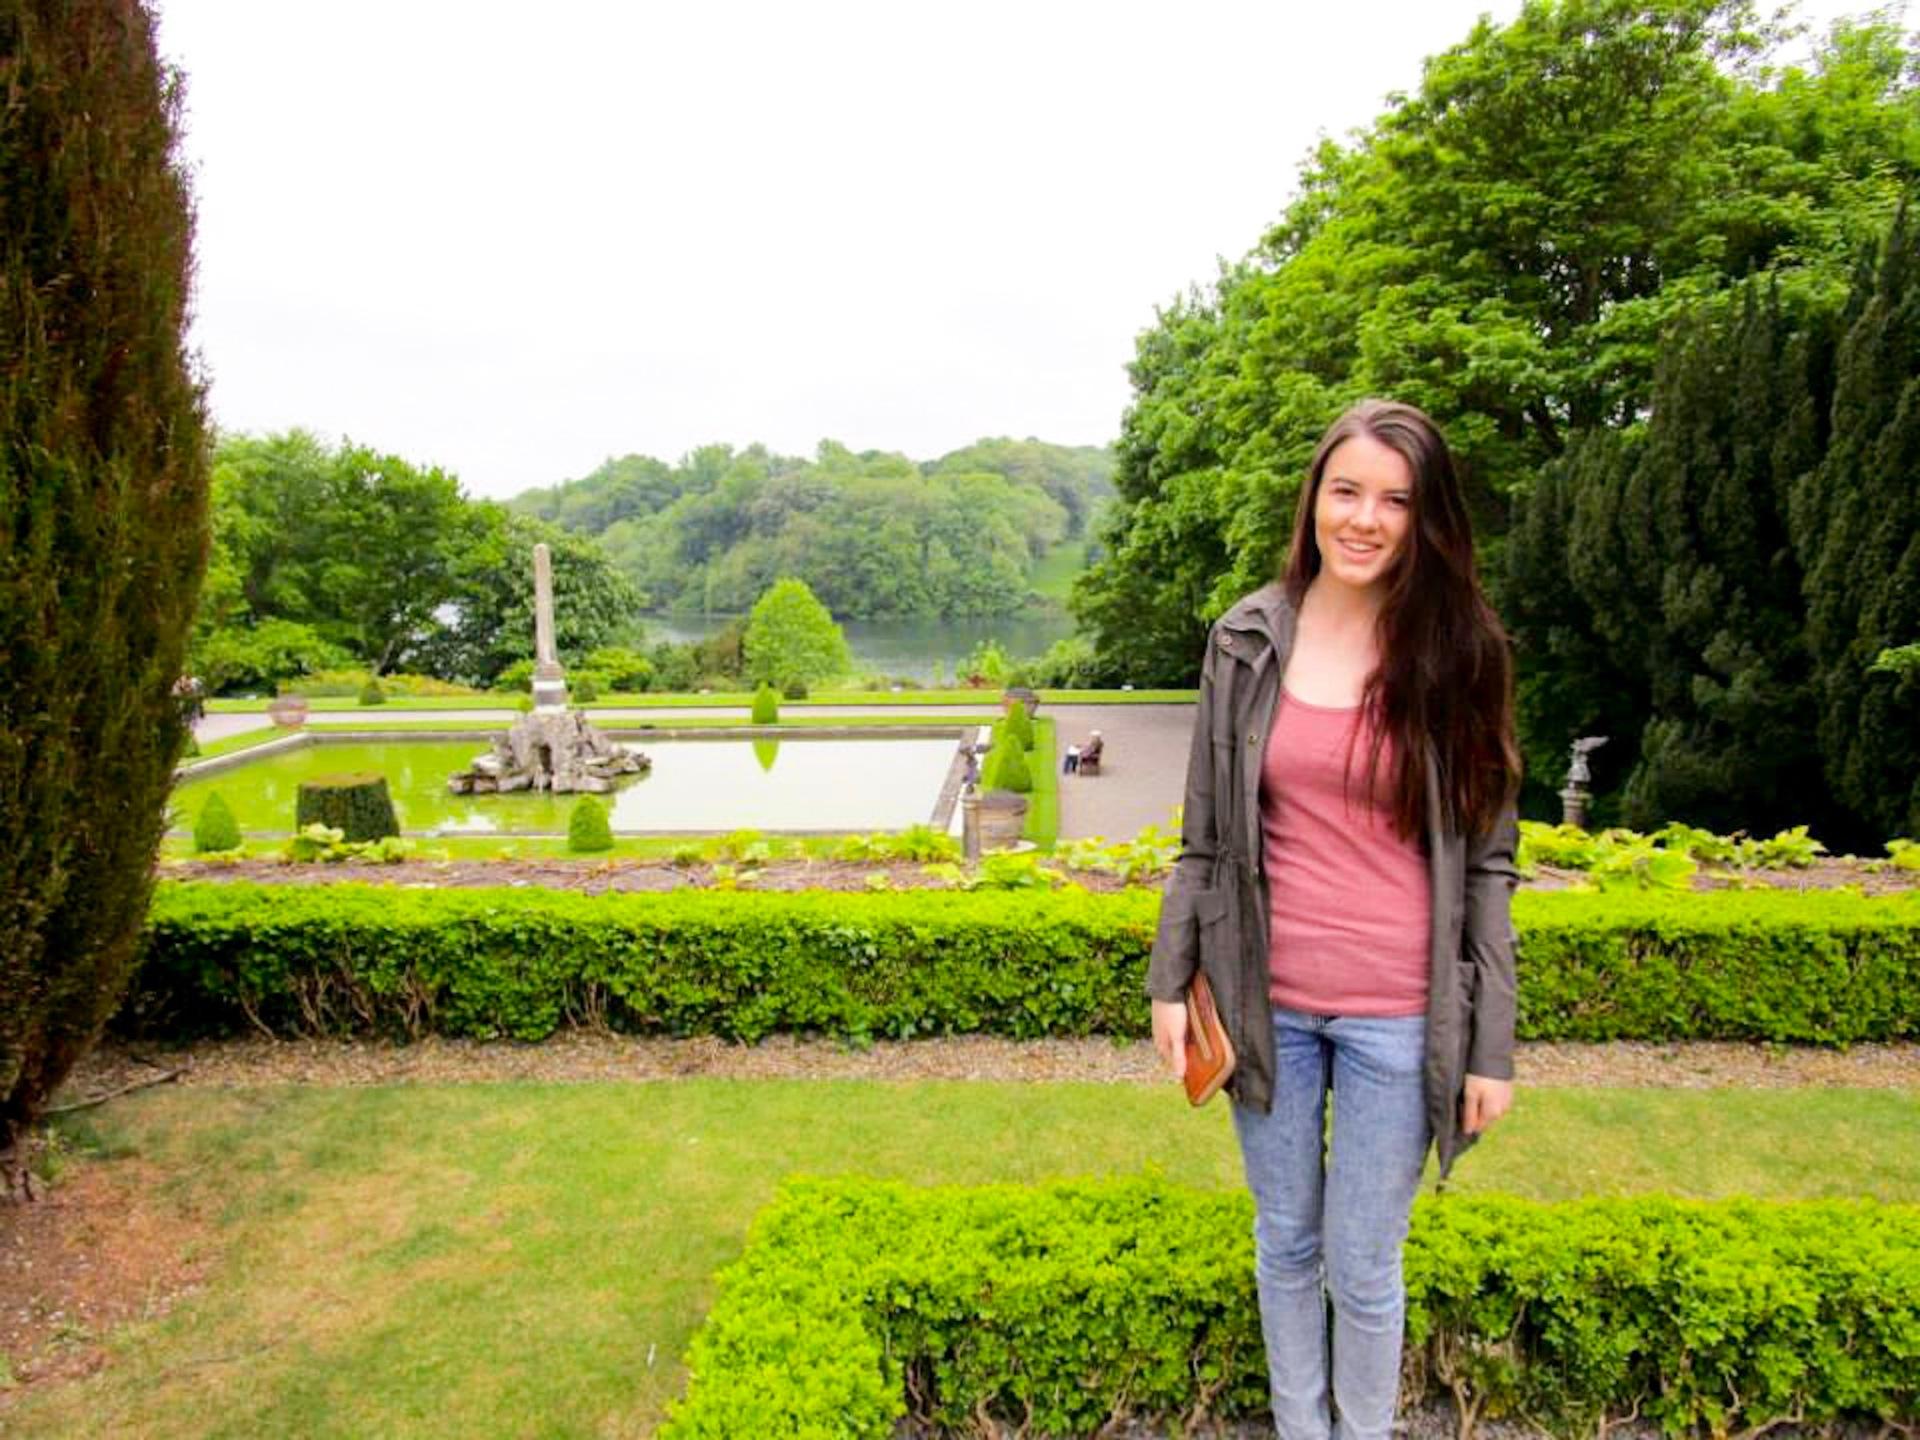 Gardens of Blenheim palace